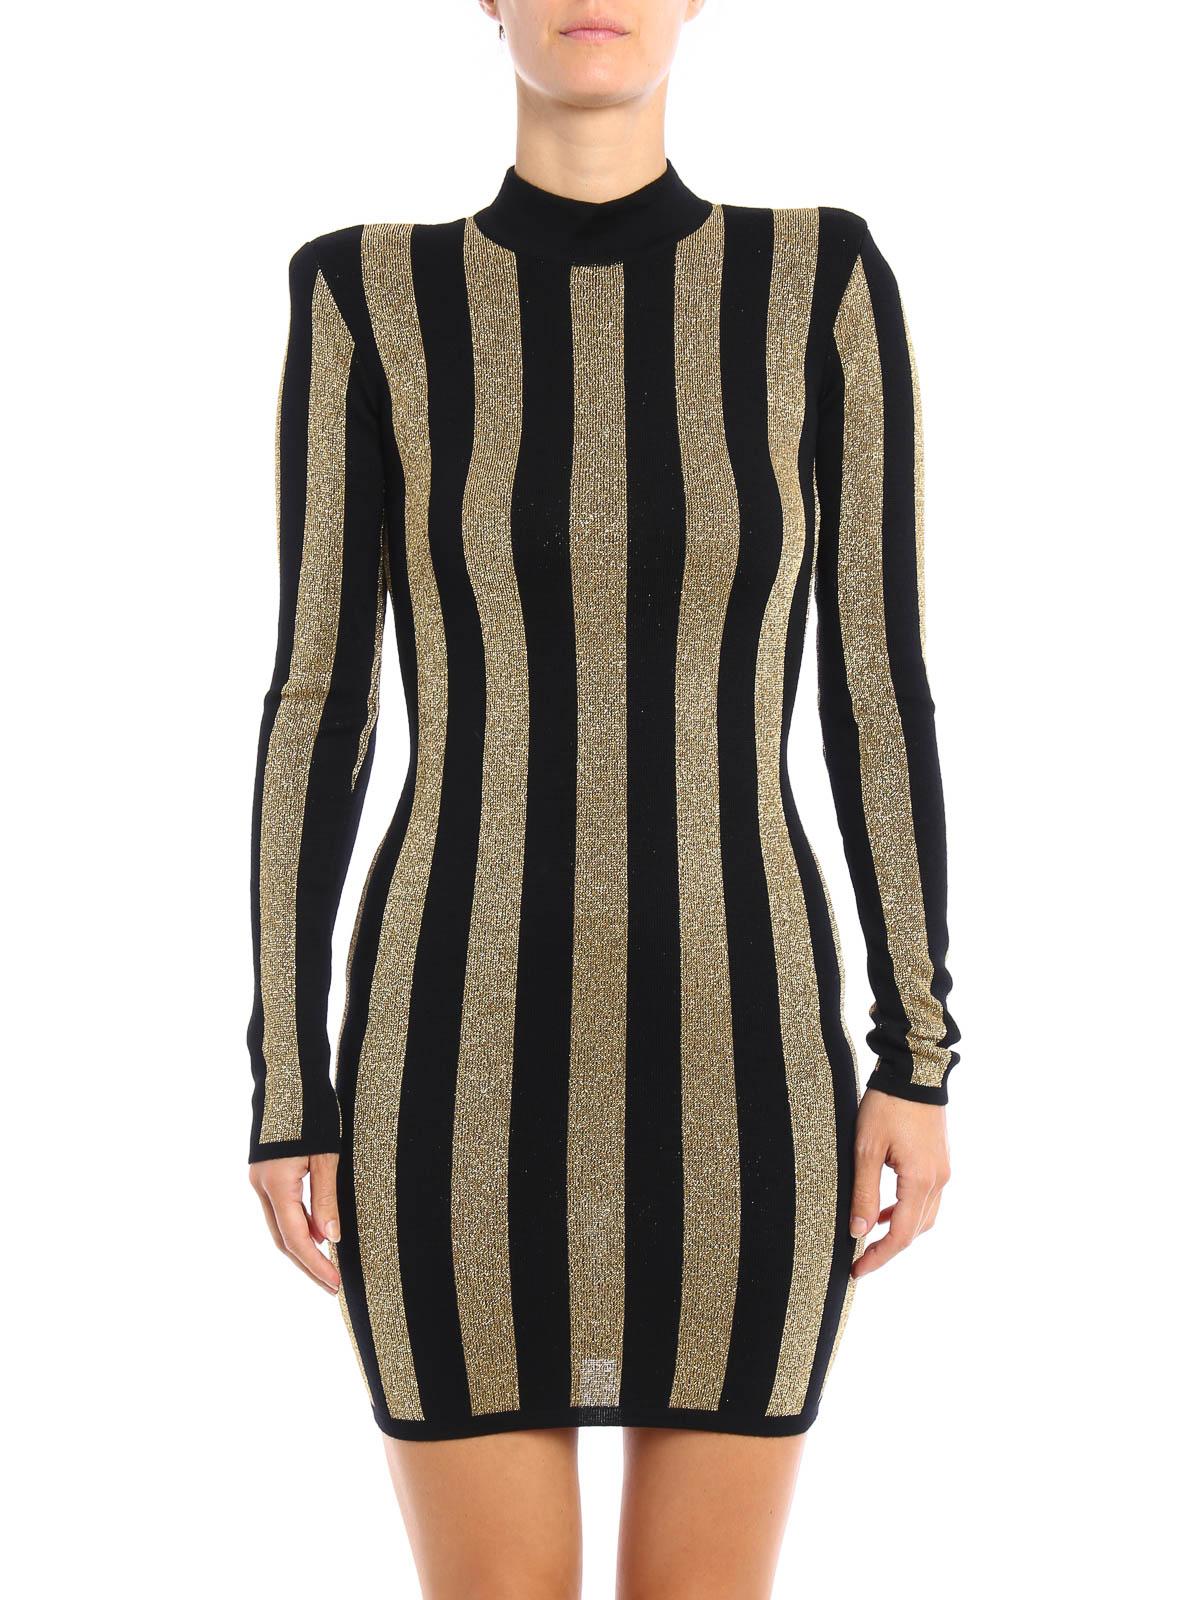 7ac66dd8 Balmain - Lurex striped pattern mini dress - cocktail dresses - 6100 ...